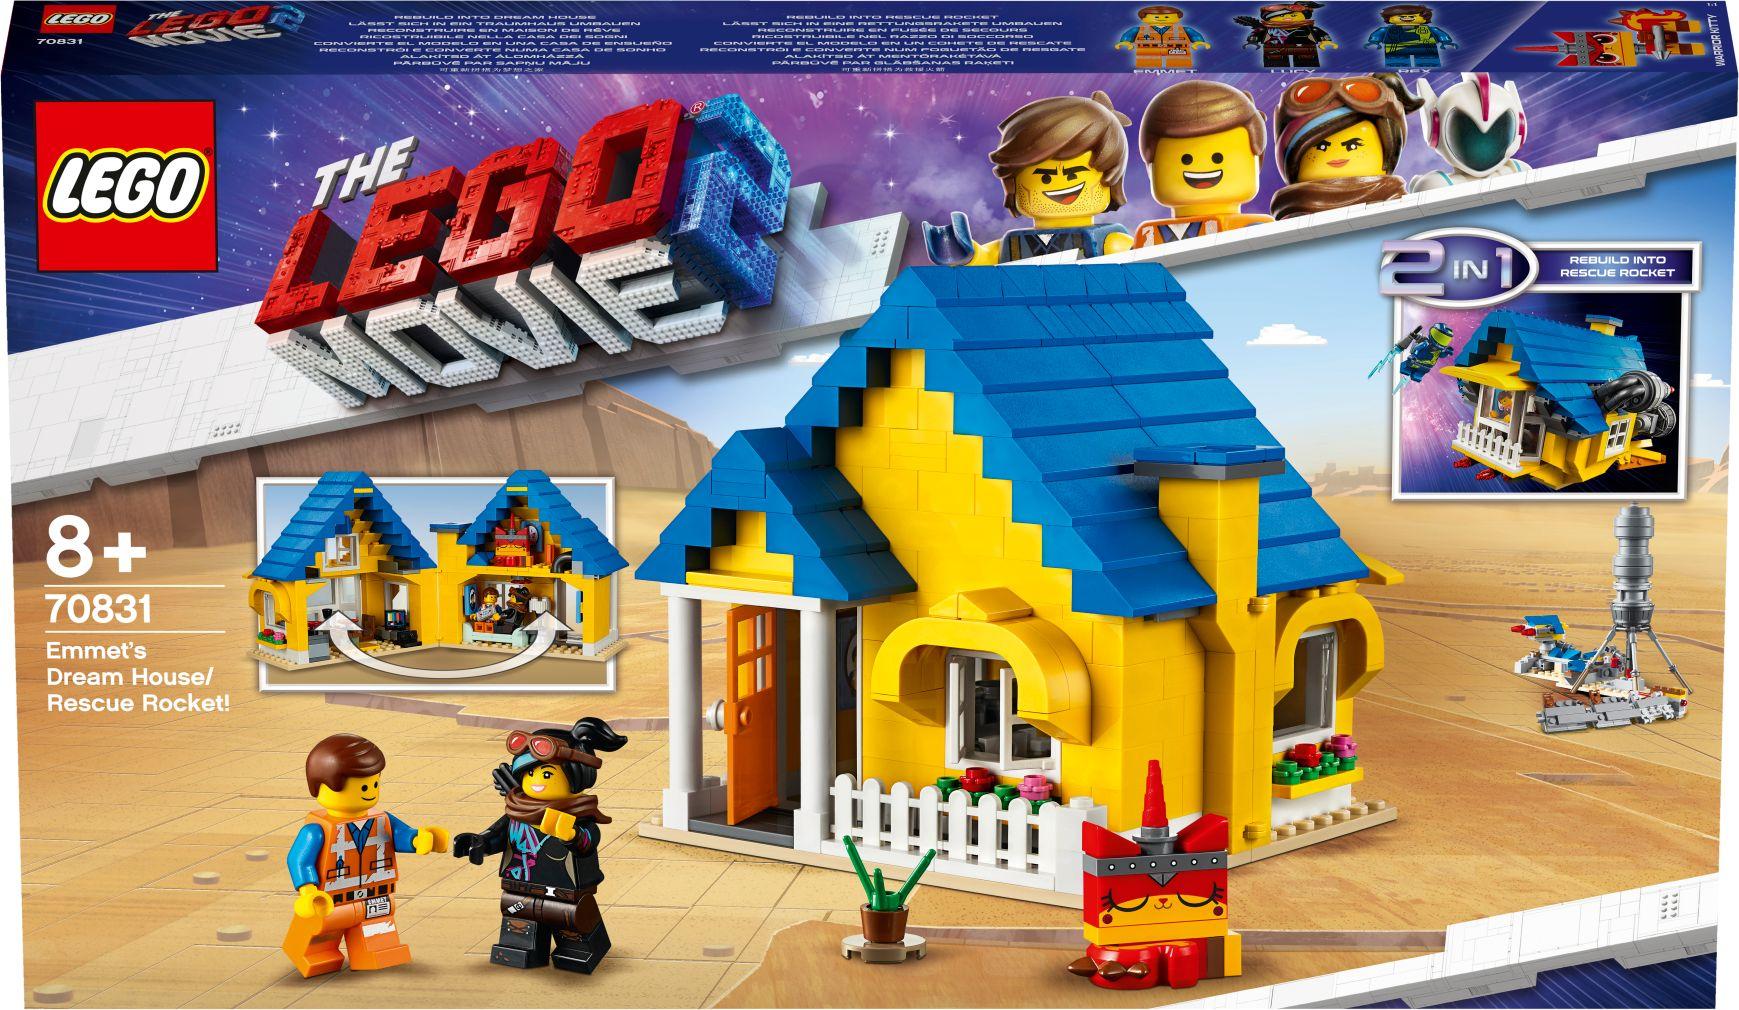 LEGO® Movie 2 - 70831 Emmets Traumhaus/Rettungsrakete! als sonstige Artikel